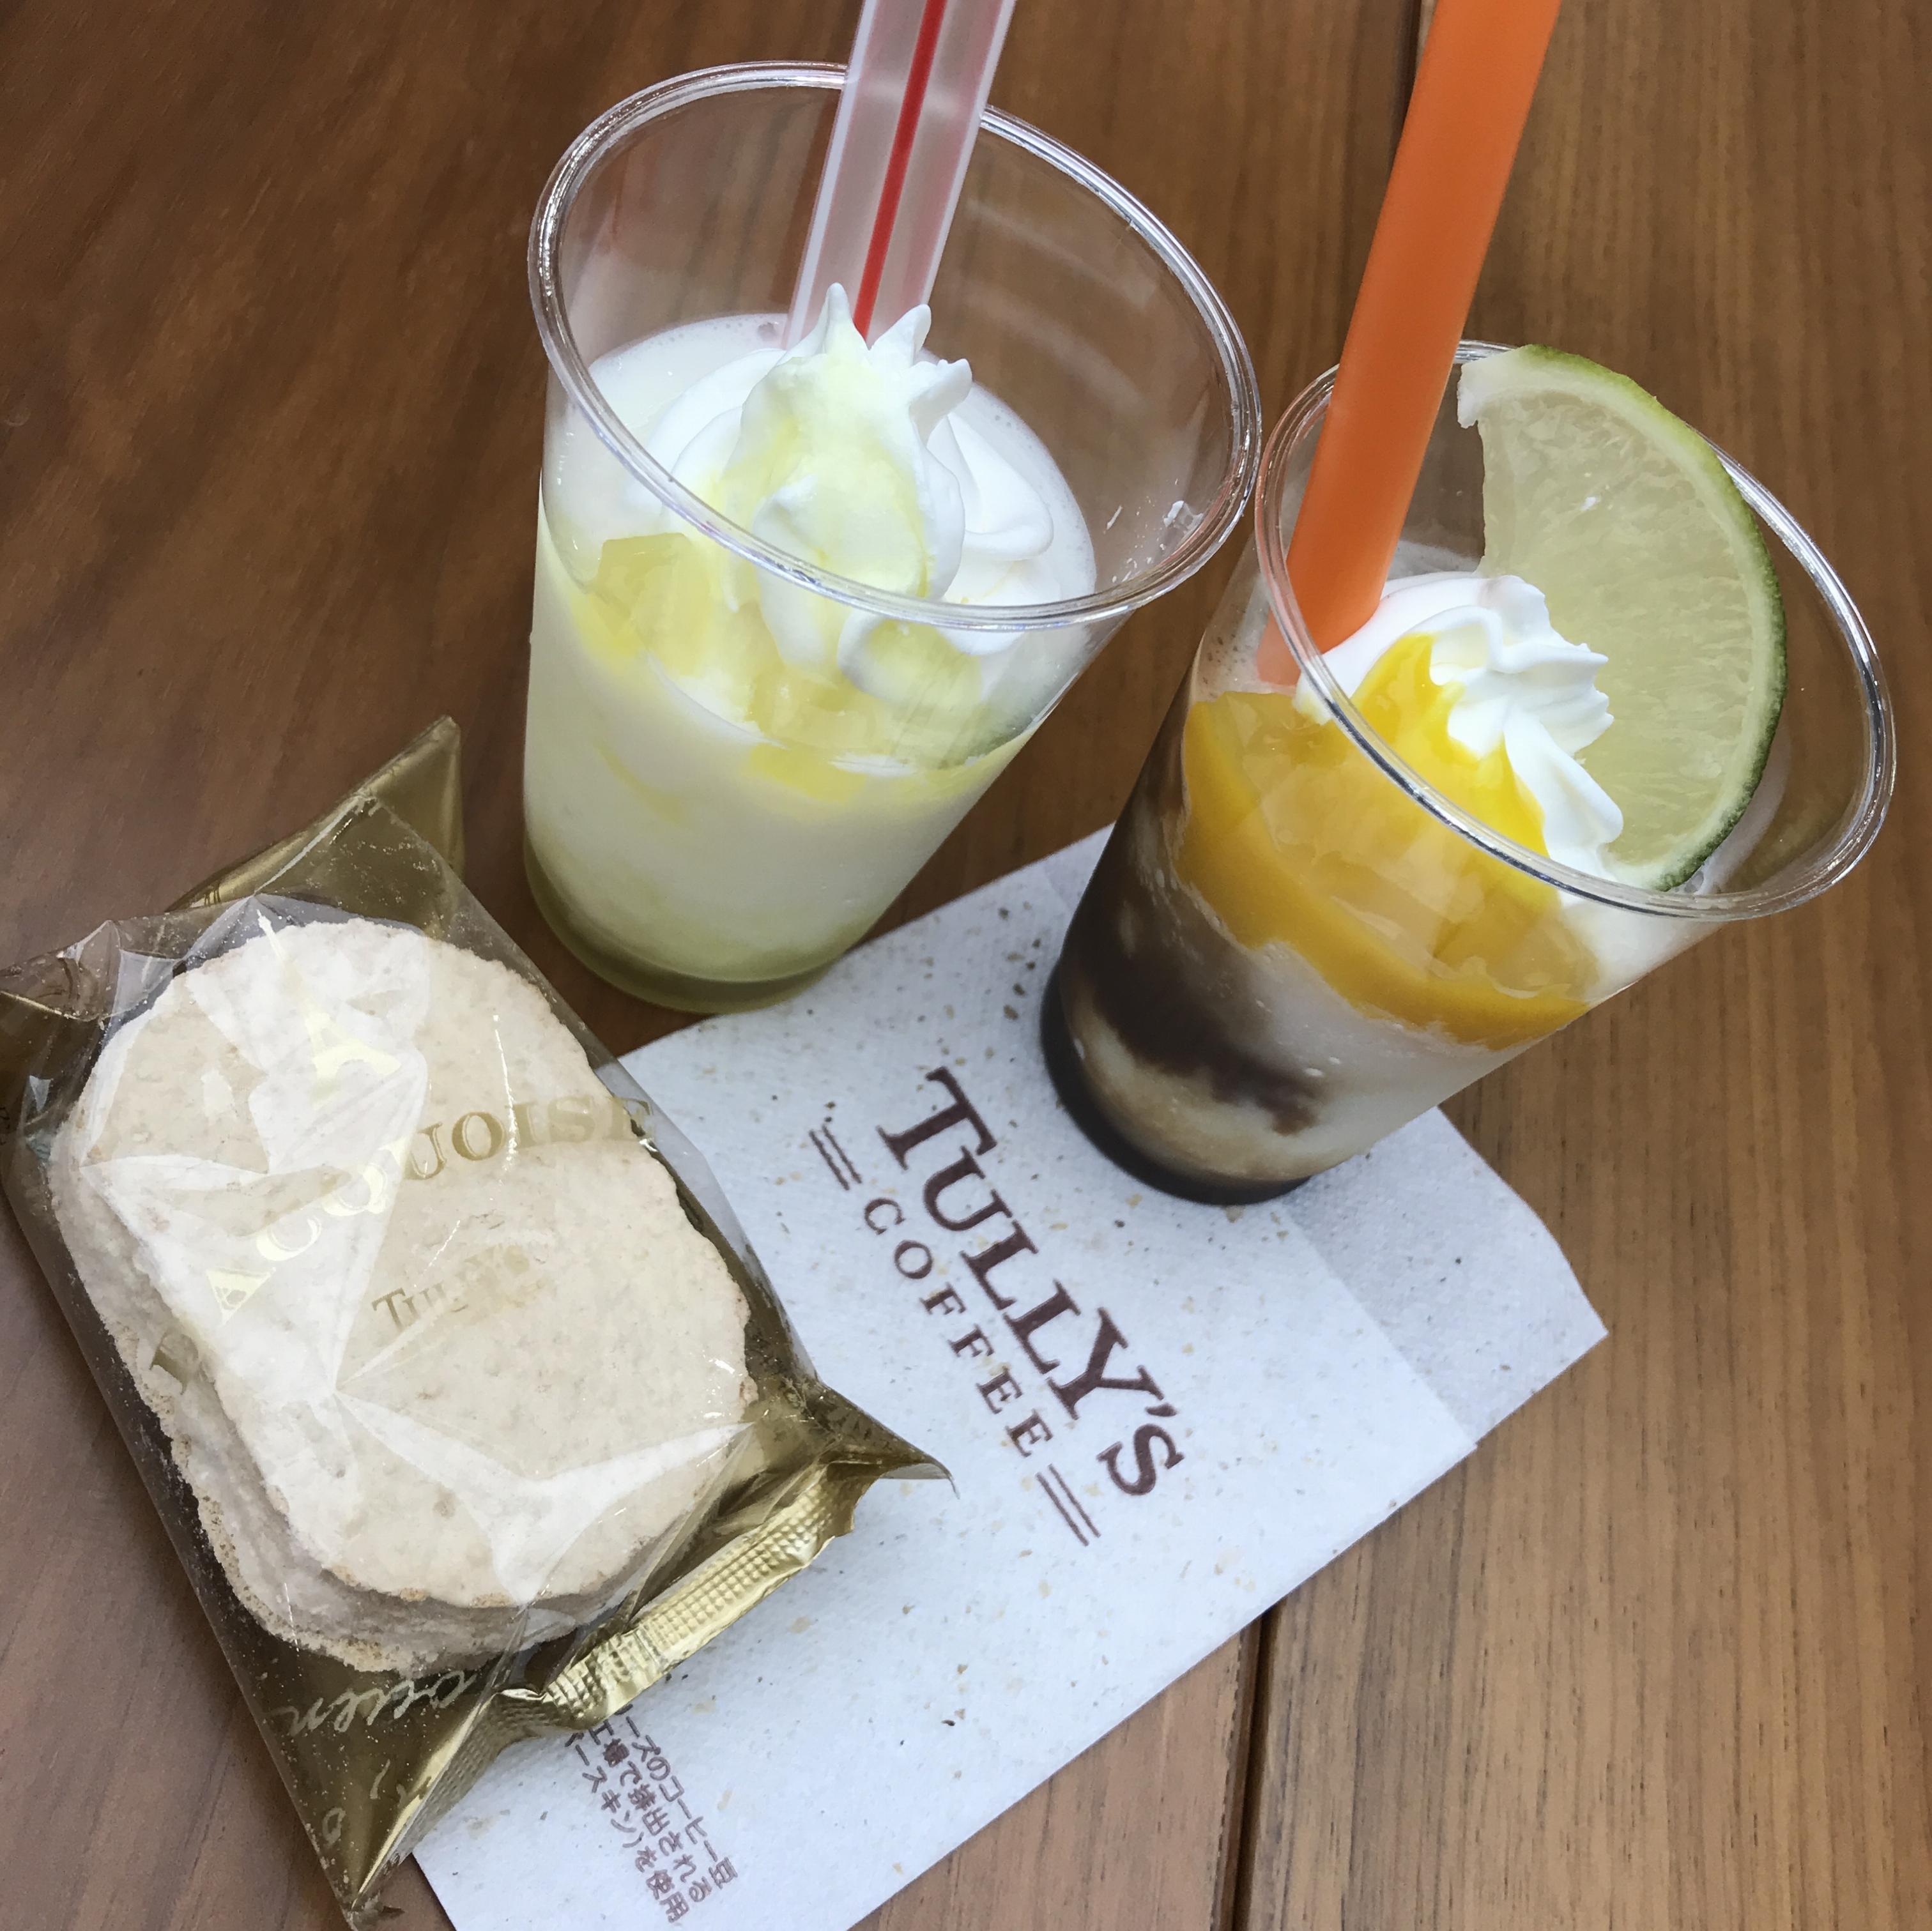 【本日発売! TULLY'S COFFEE 新作 を徹底解説!】トロピカルドリームスワークル と瀬戸内 ナタデココ瀬戸内レモンスワークル を飲みてみた【モアハピ部インフルエンサーセミナー2019】_4